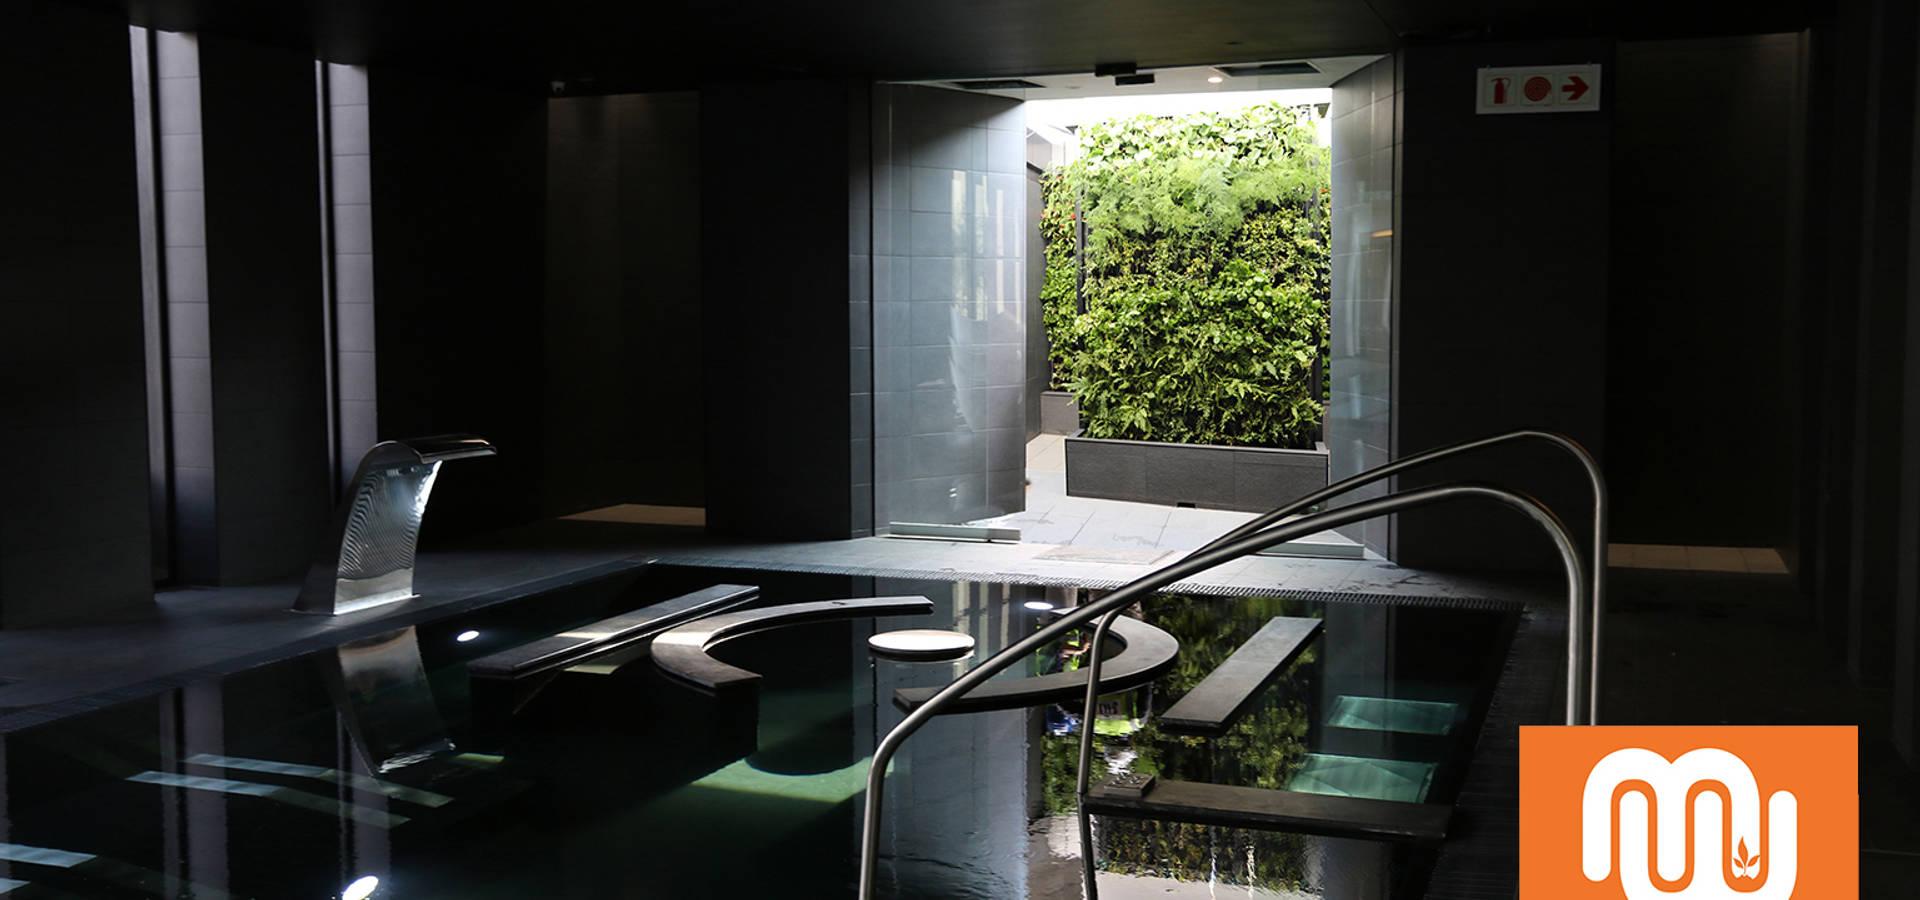 Modiwall Vertical Gardens